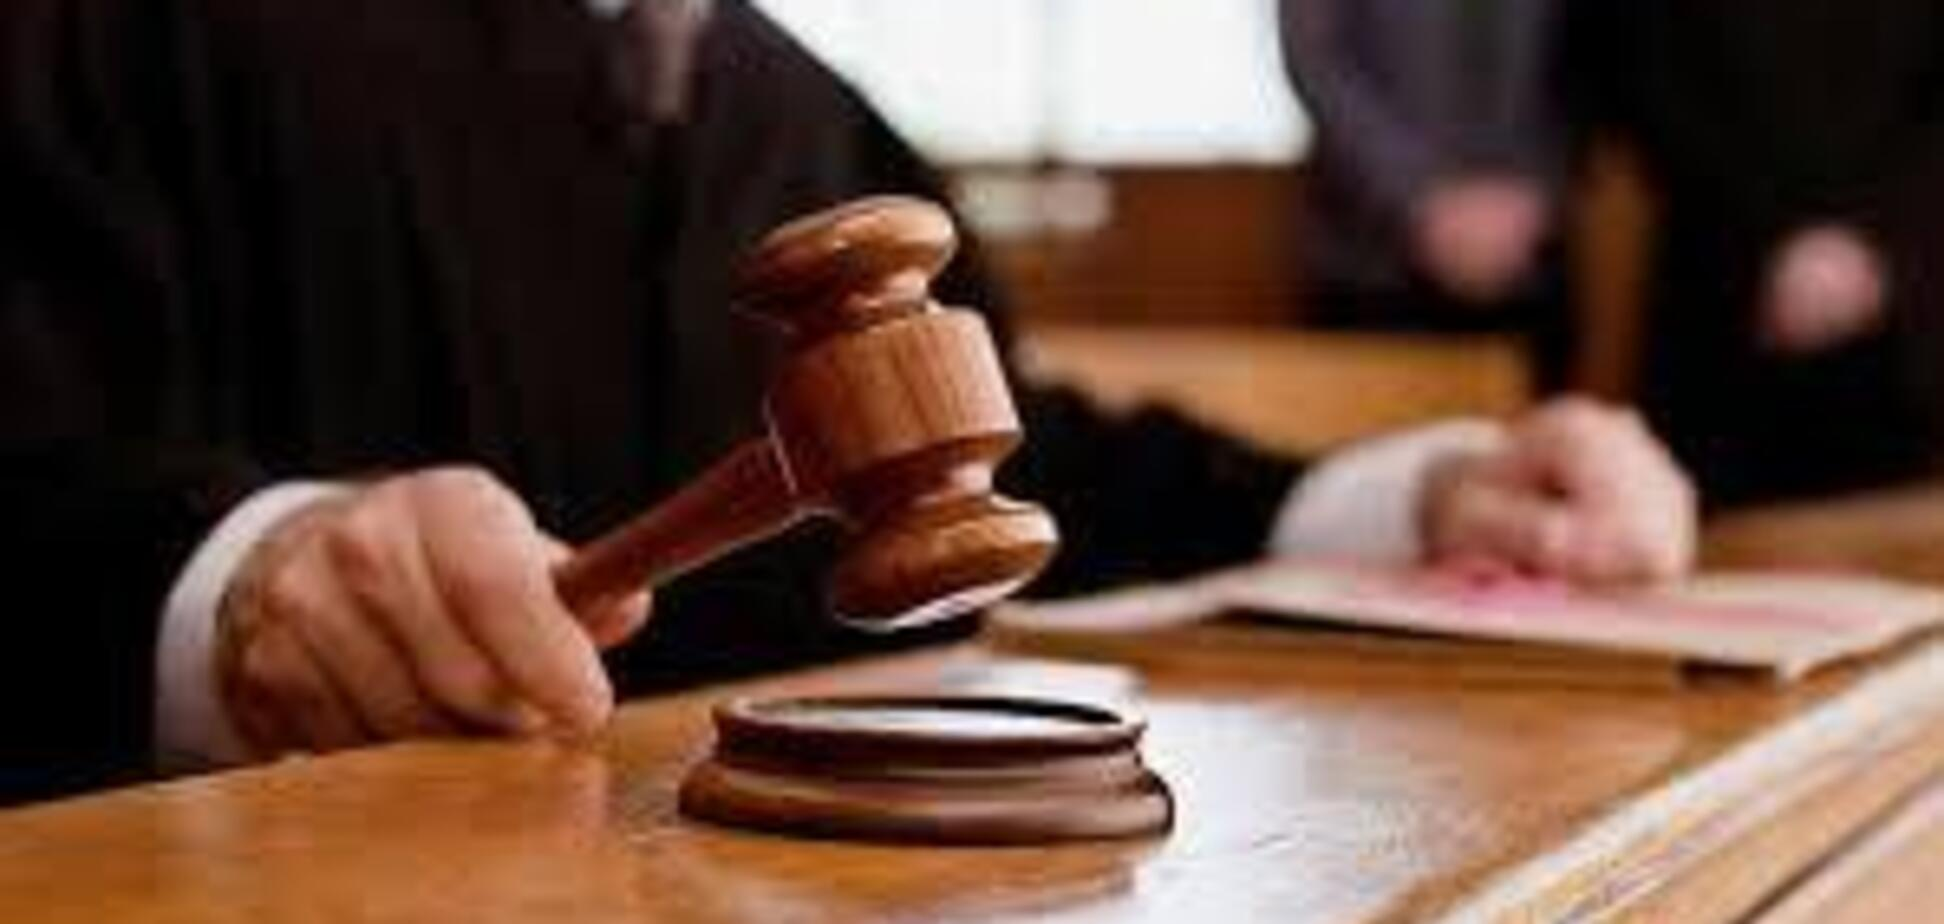 Получил взятку и прятался 10 лет: в Украине суд отпустил на свободу осужденного чиновника